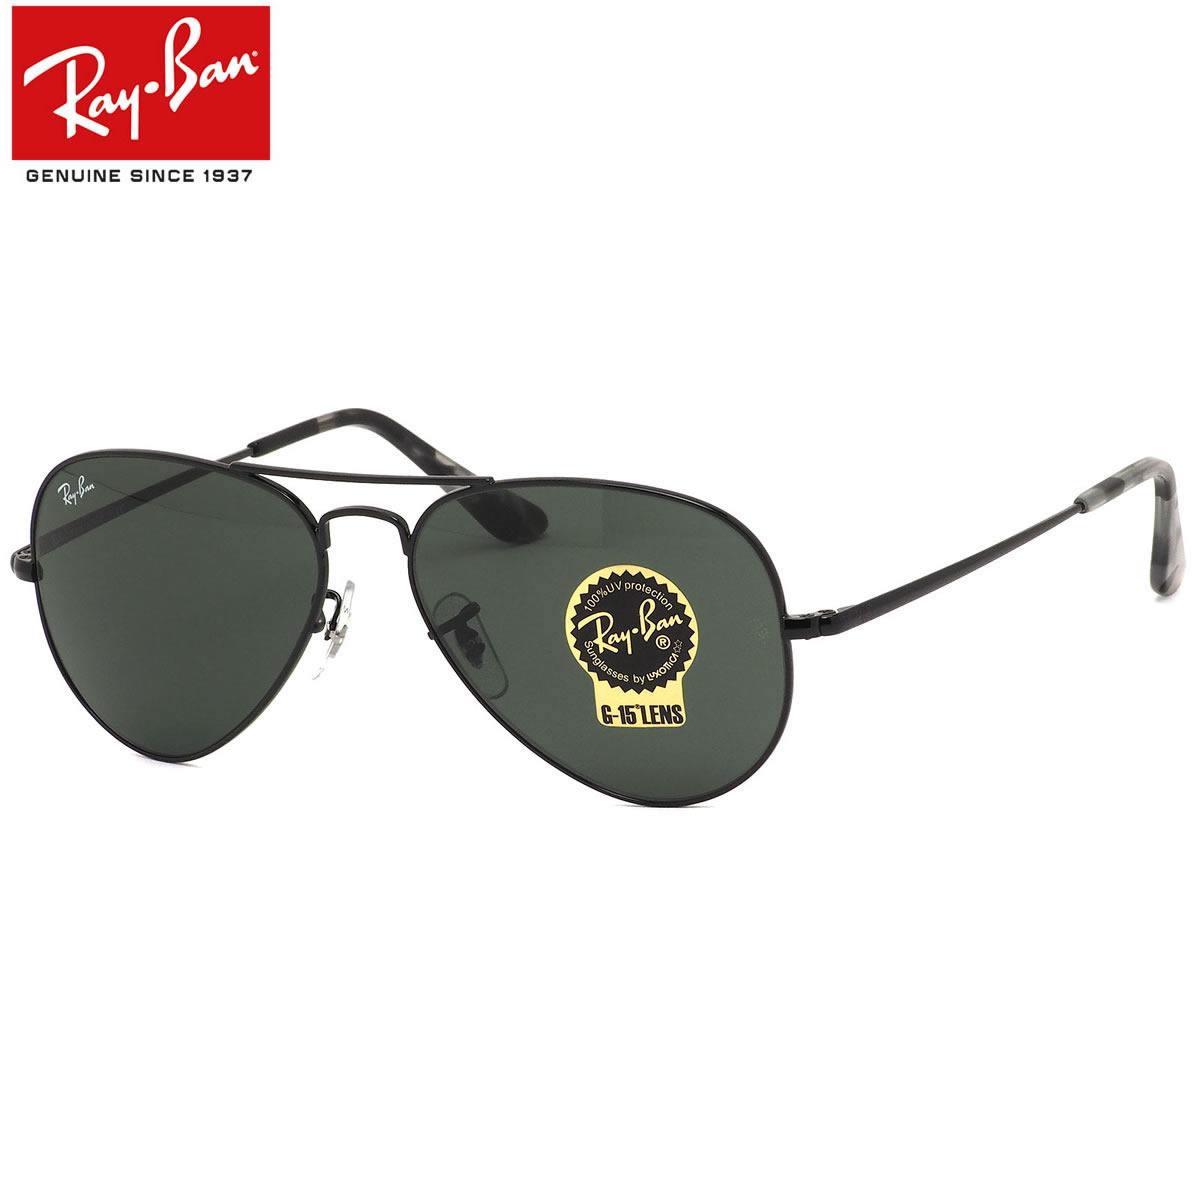 Ray-Ban レイバン サングラス RB3689 914831 55サイズ 58サイズ 62サイズ